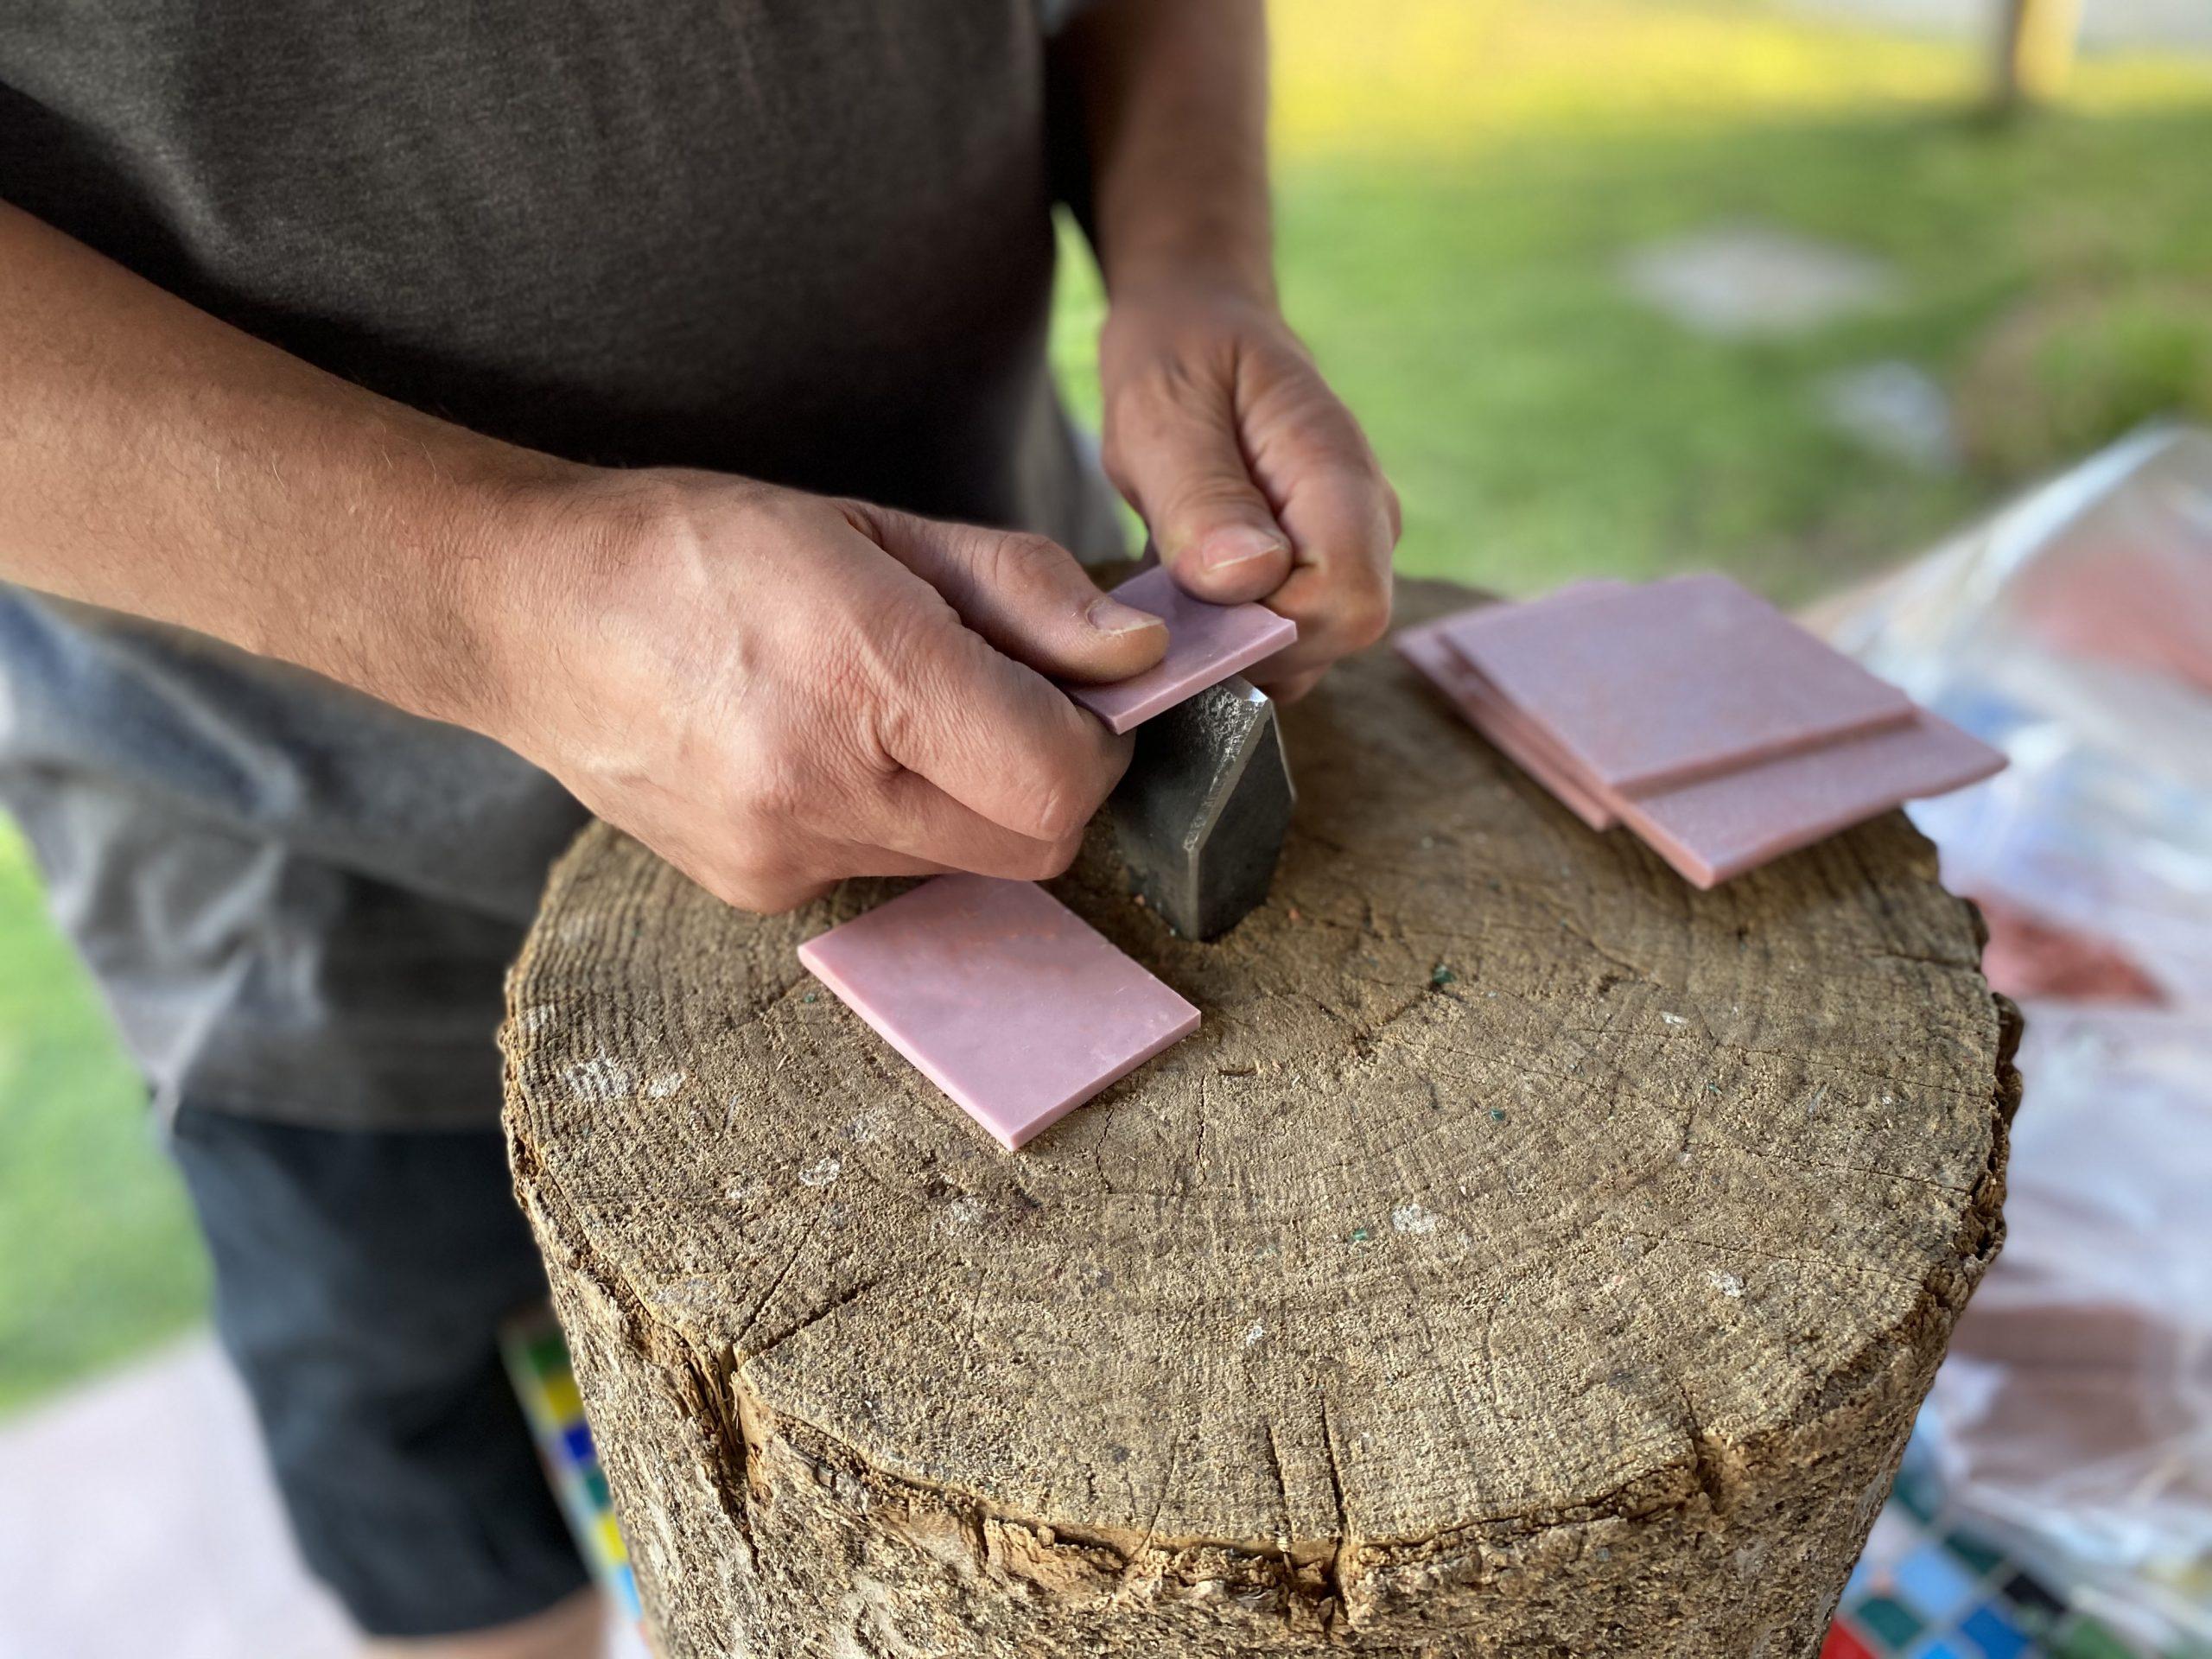 artigiano usa la taglierina per mosaico con smalti veneziani morassutti